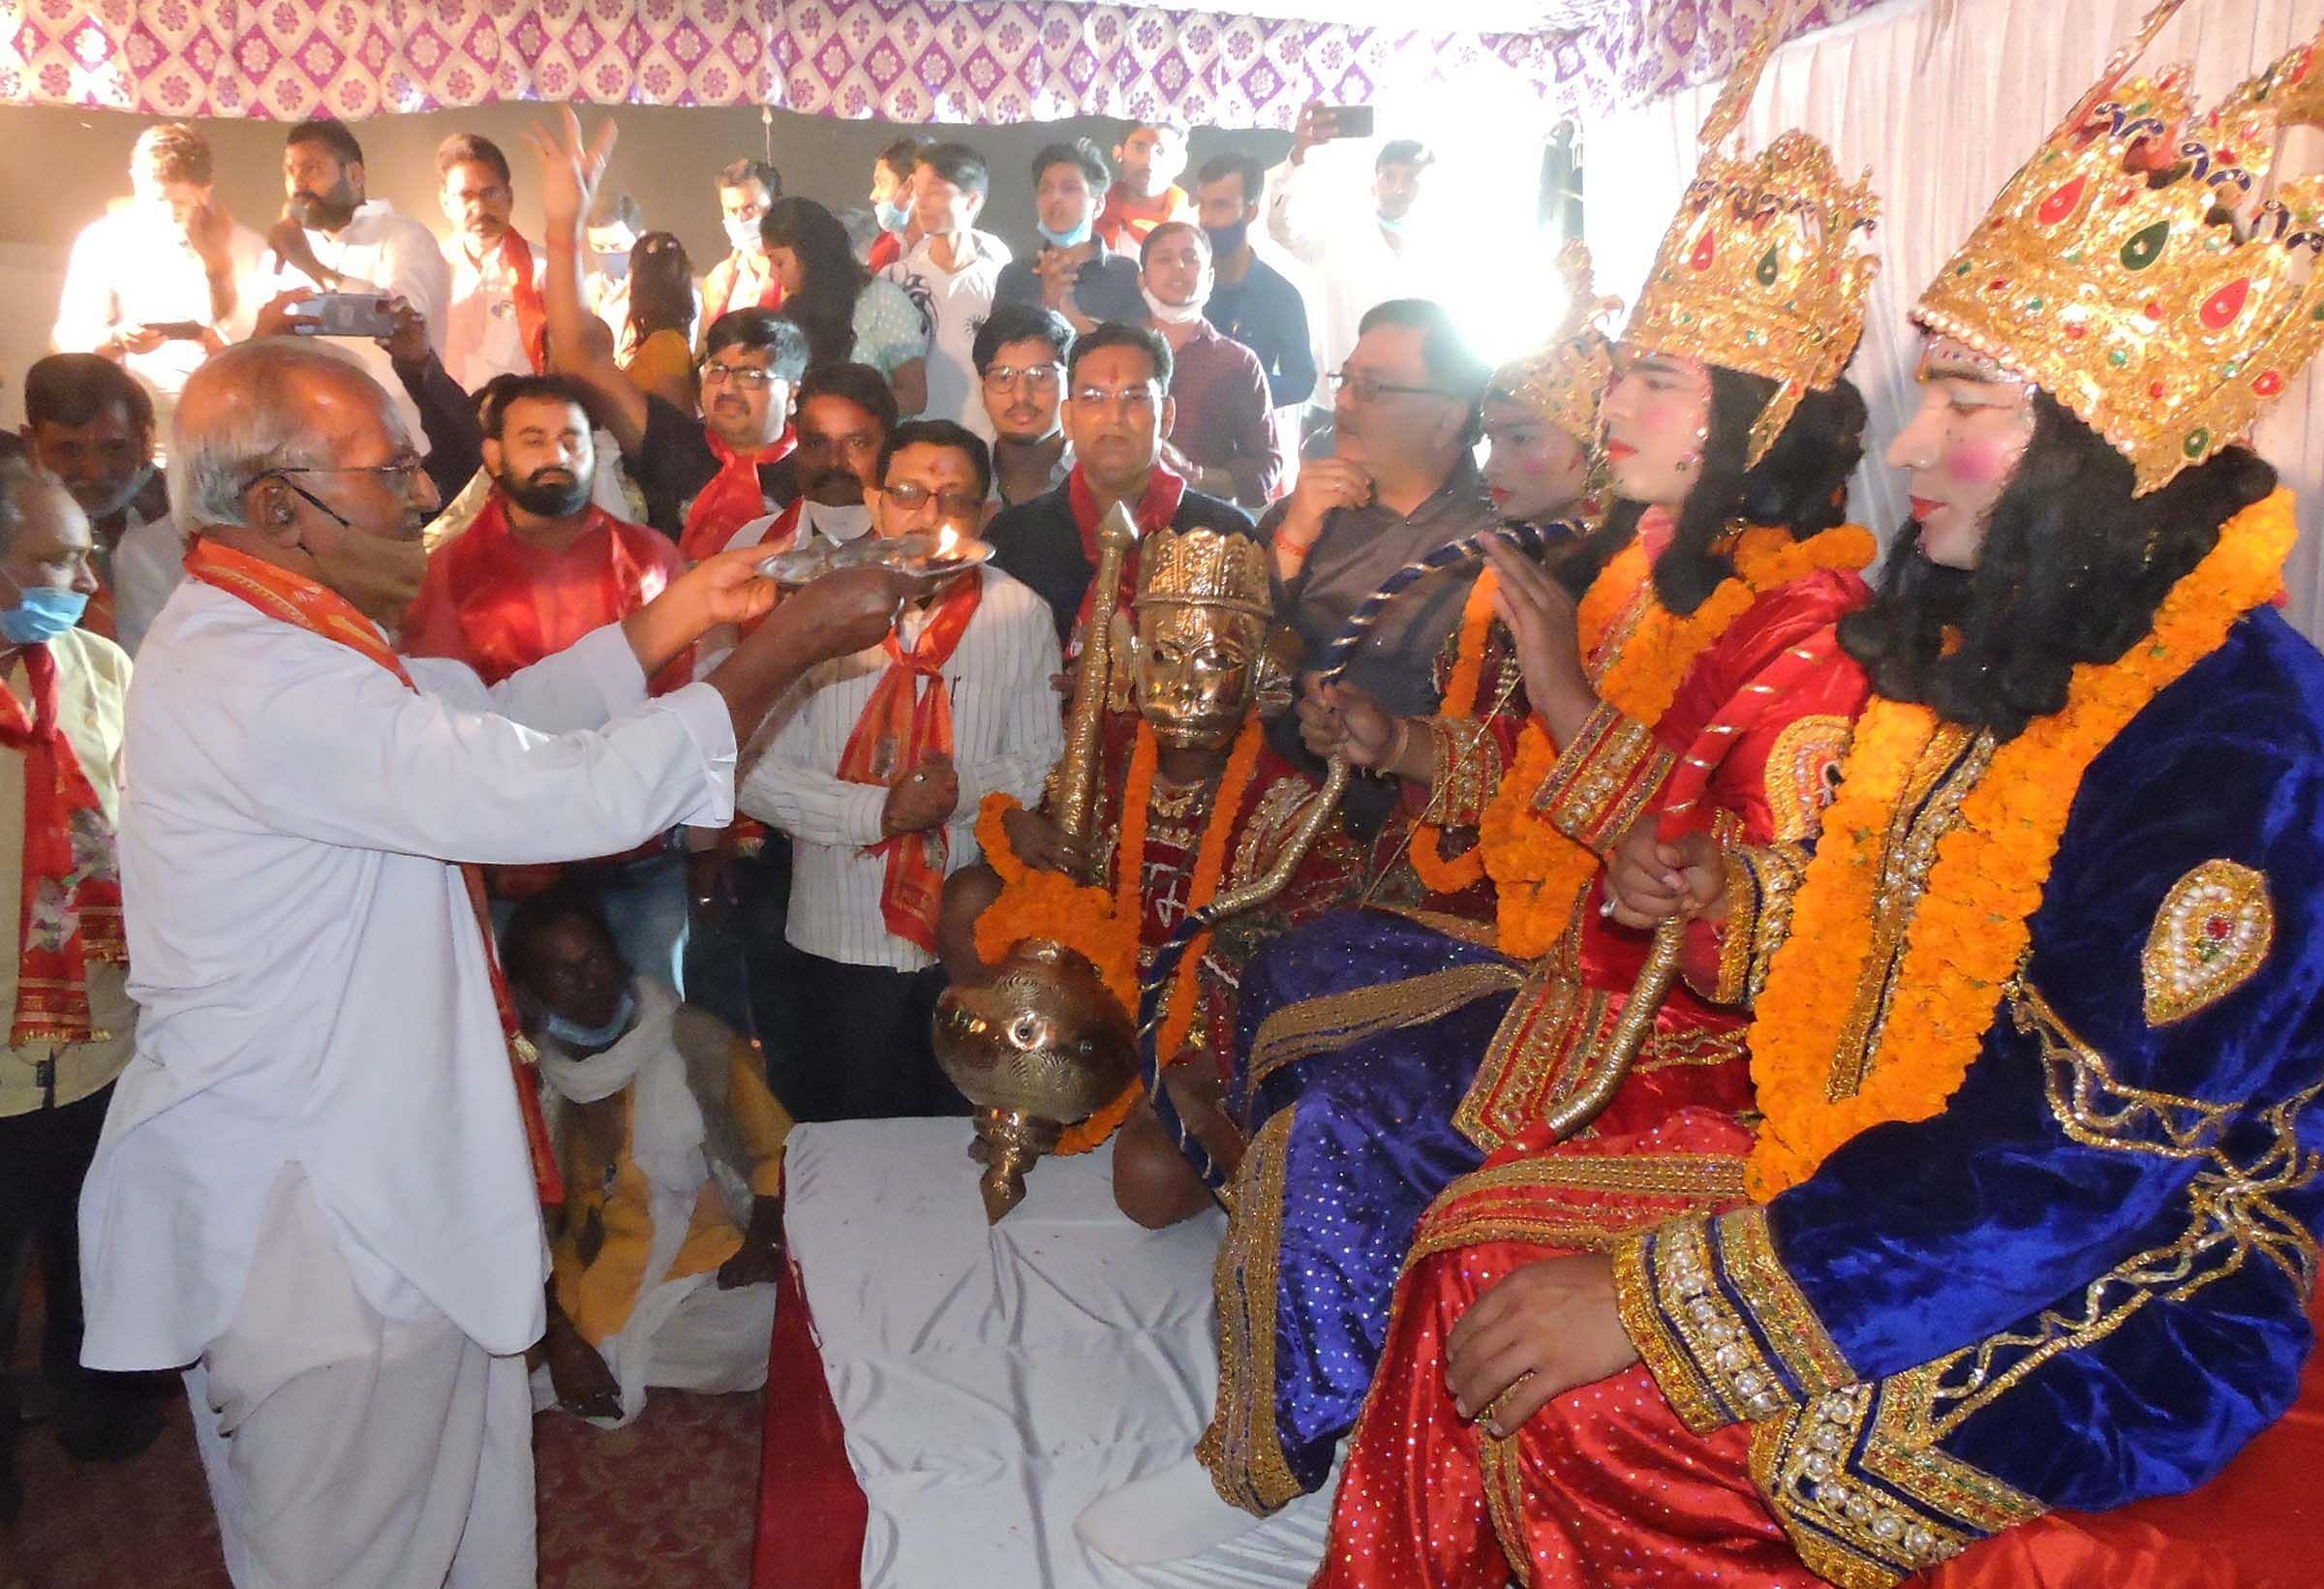 रामलीला मैदान में रावण दहन के बाद राम लक्ष्मण सीता की आरती करते संरक्षक जयनारायण अग्रवाल।